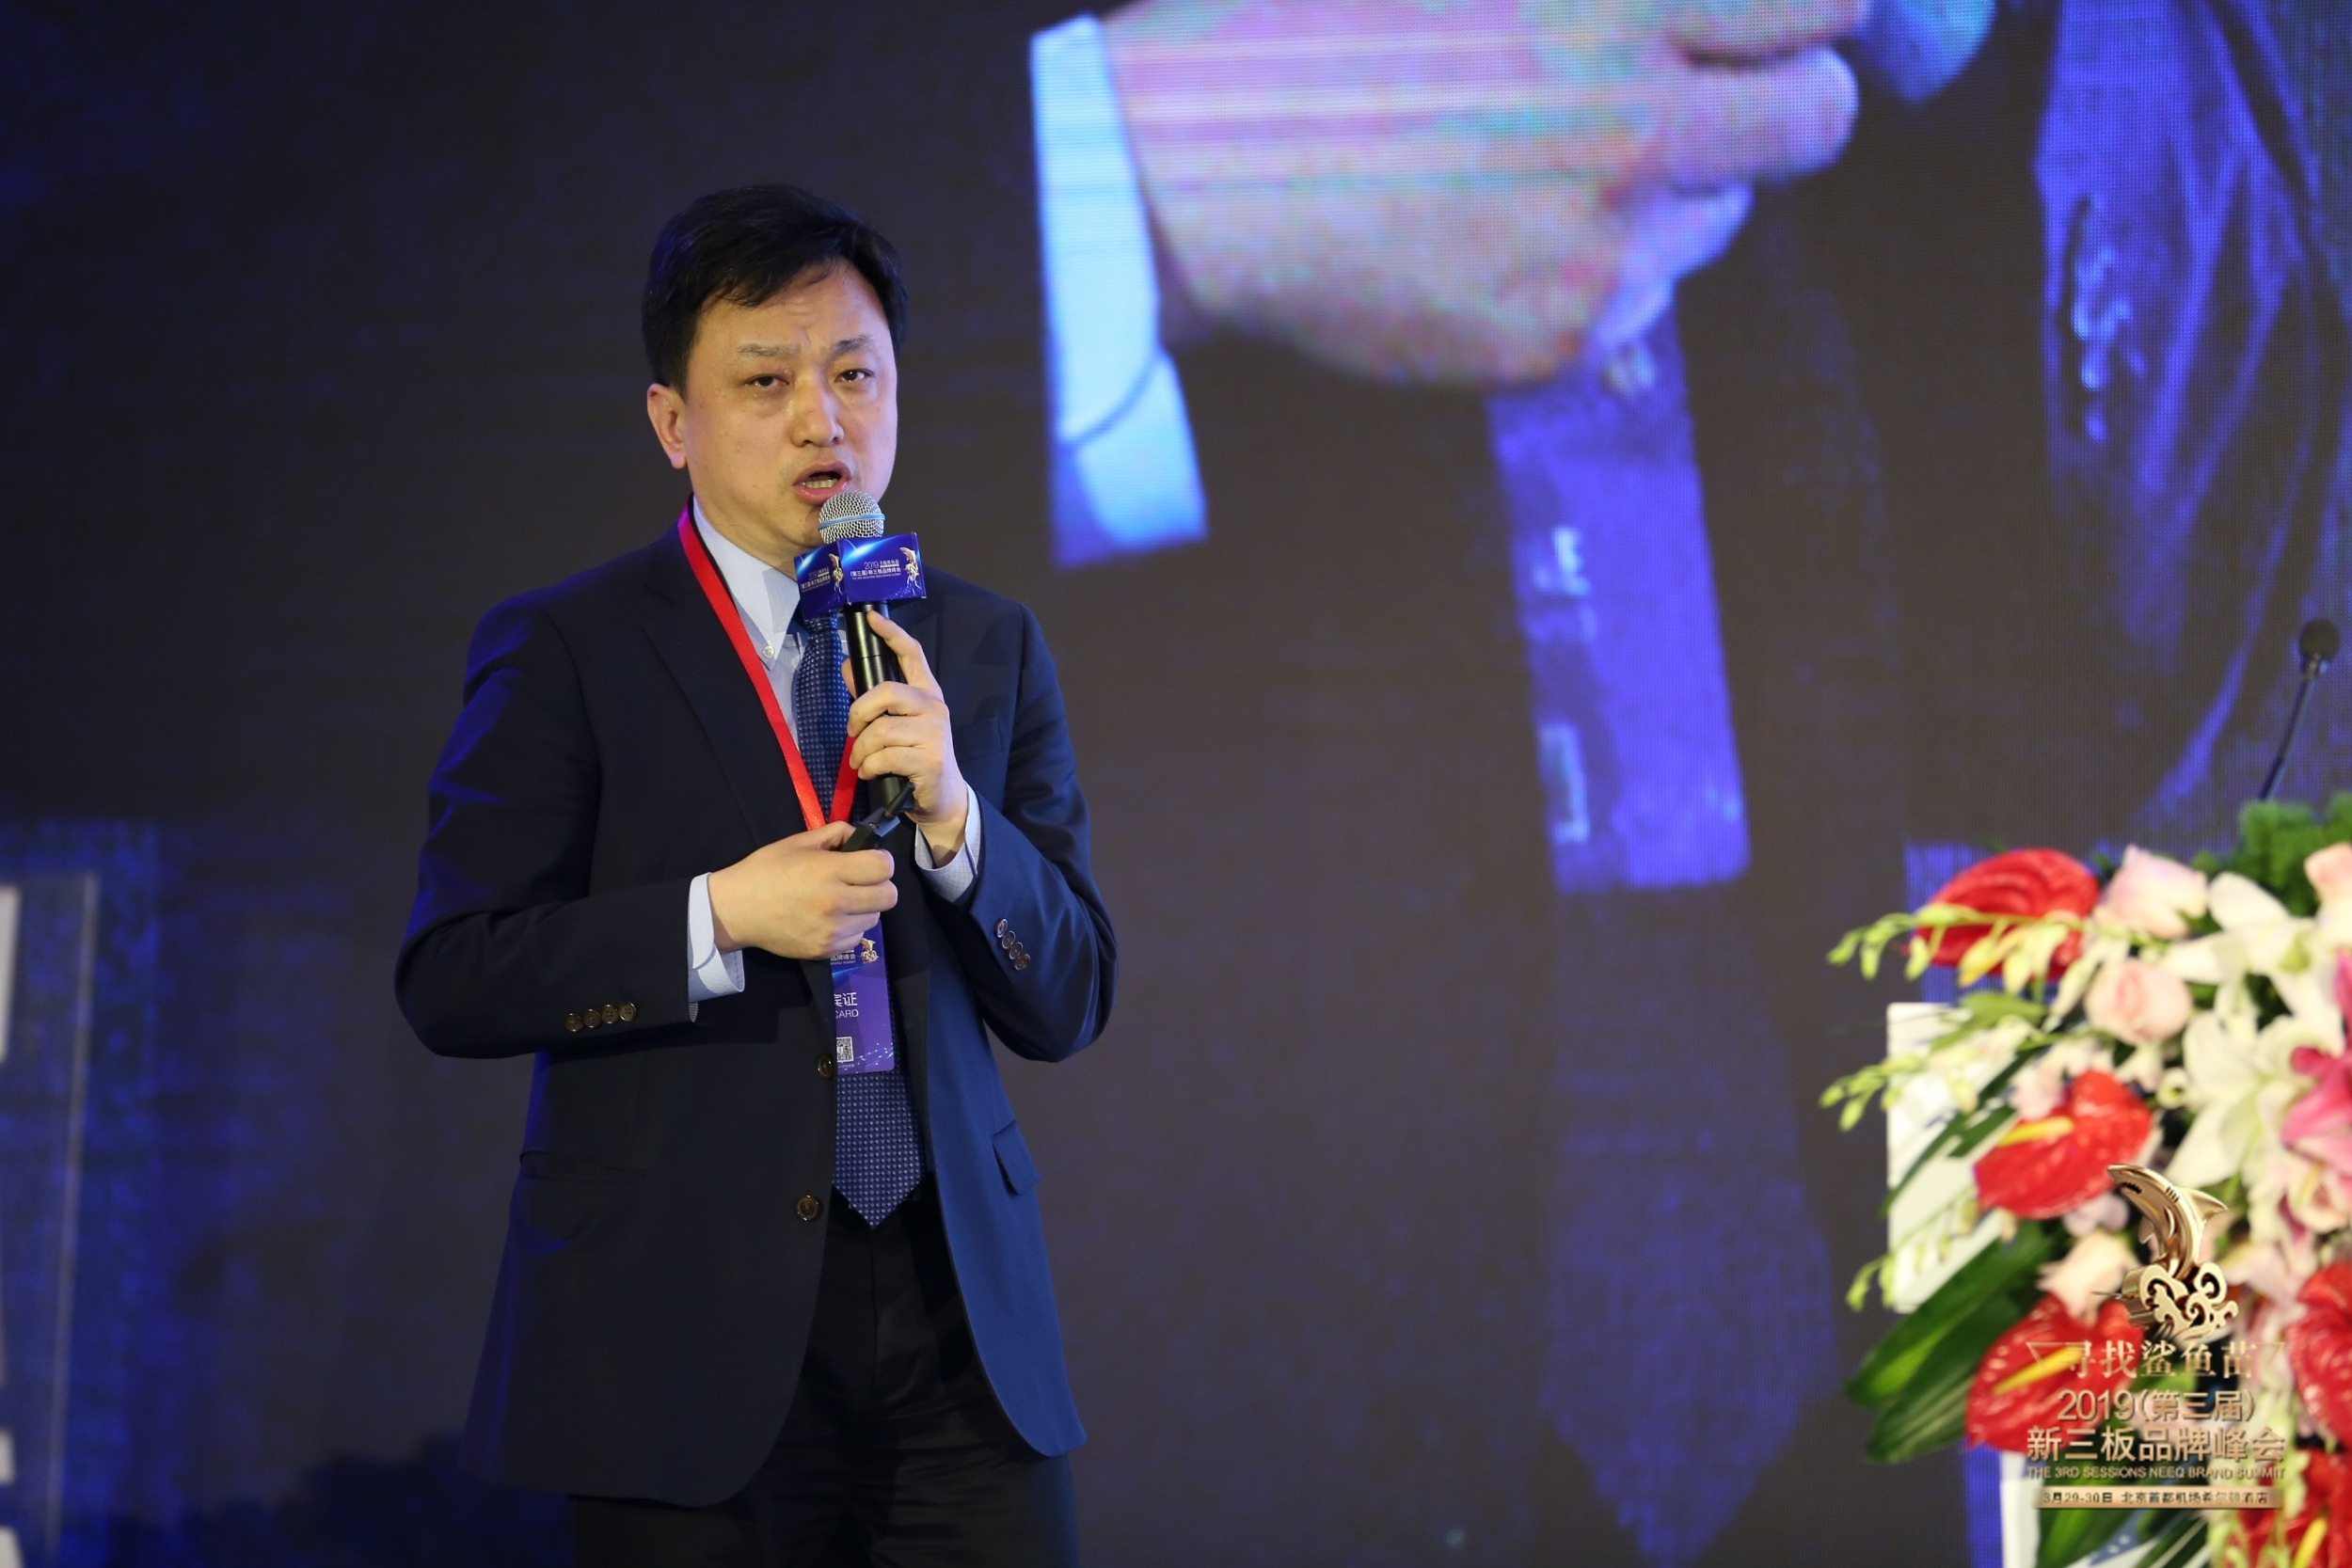 太平洋证券投资银行董事总经理 王晨光:迎接科创,变革拥抱,并购时代!会议实录